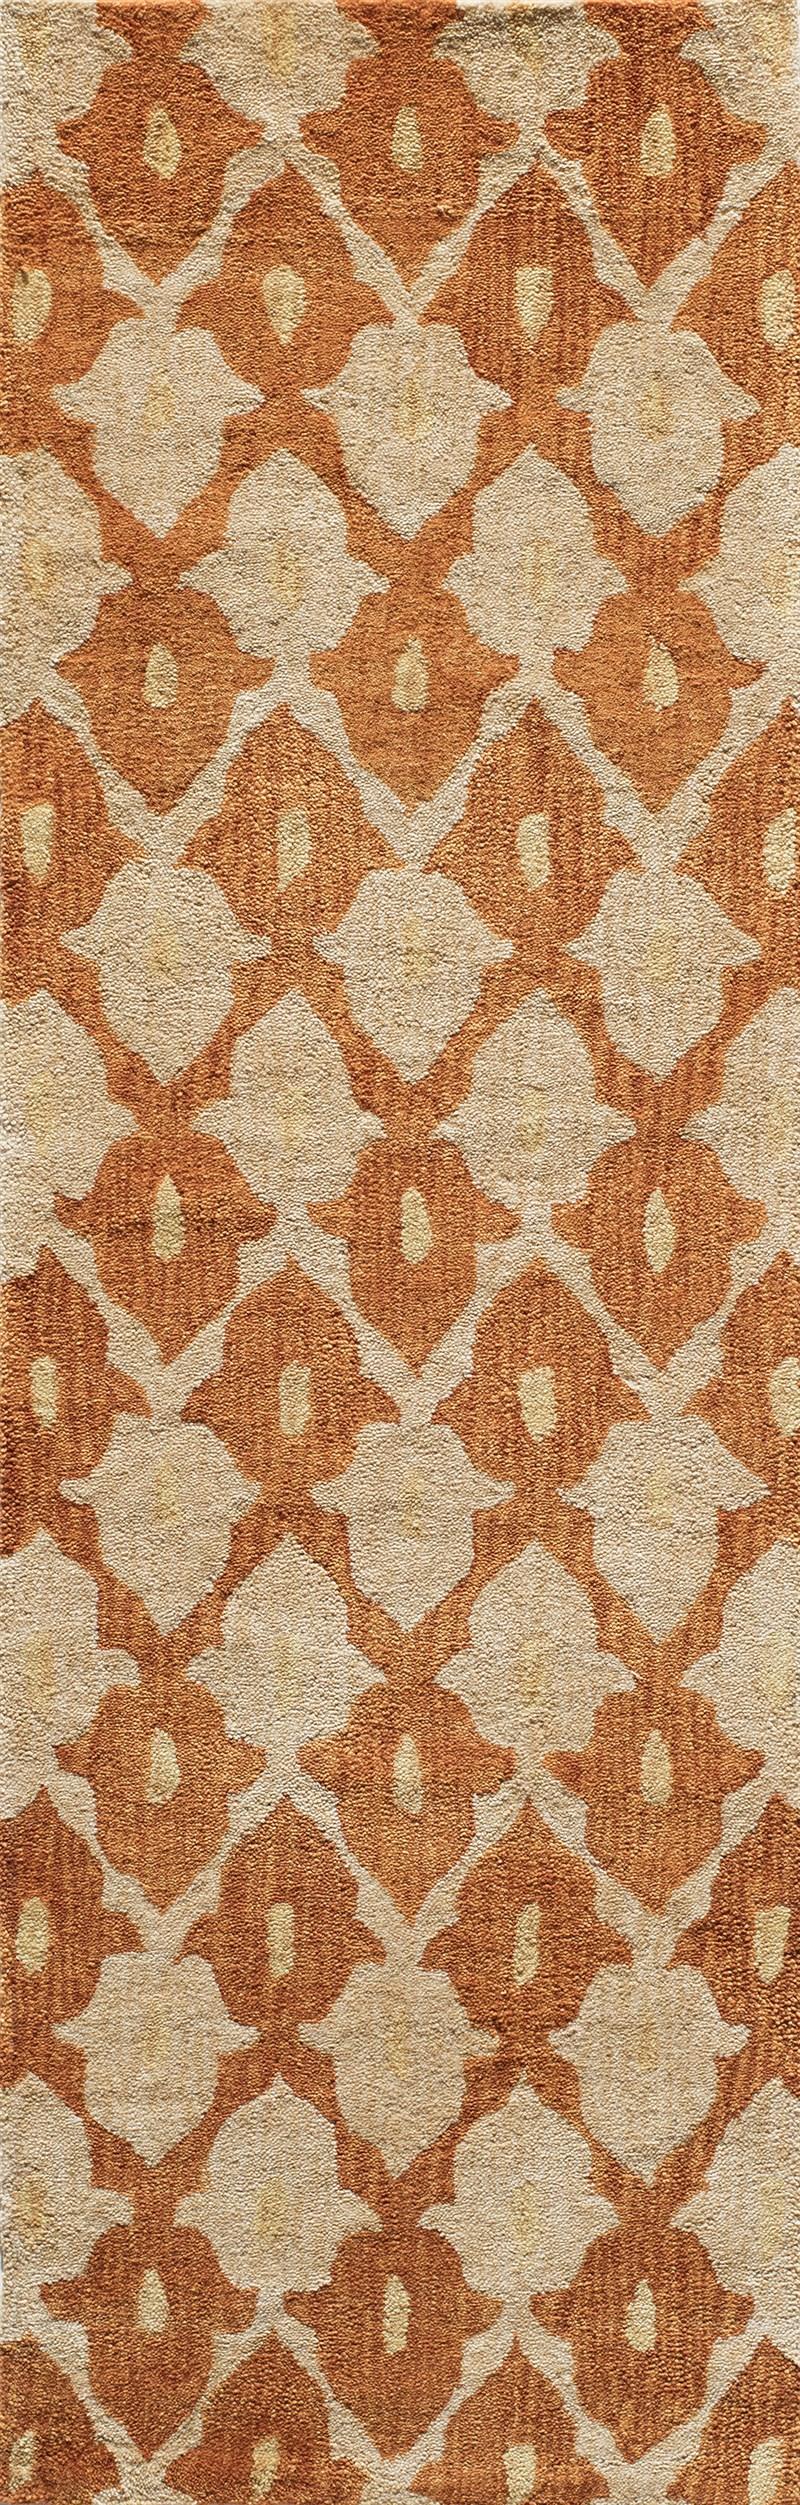 momeni-rio-rio2-orange-rug